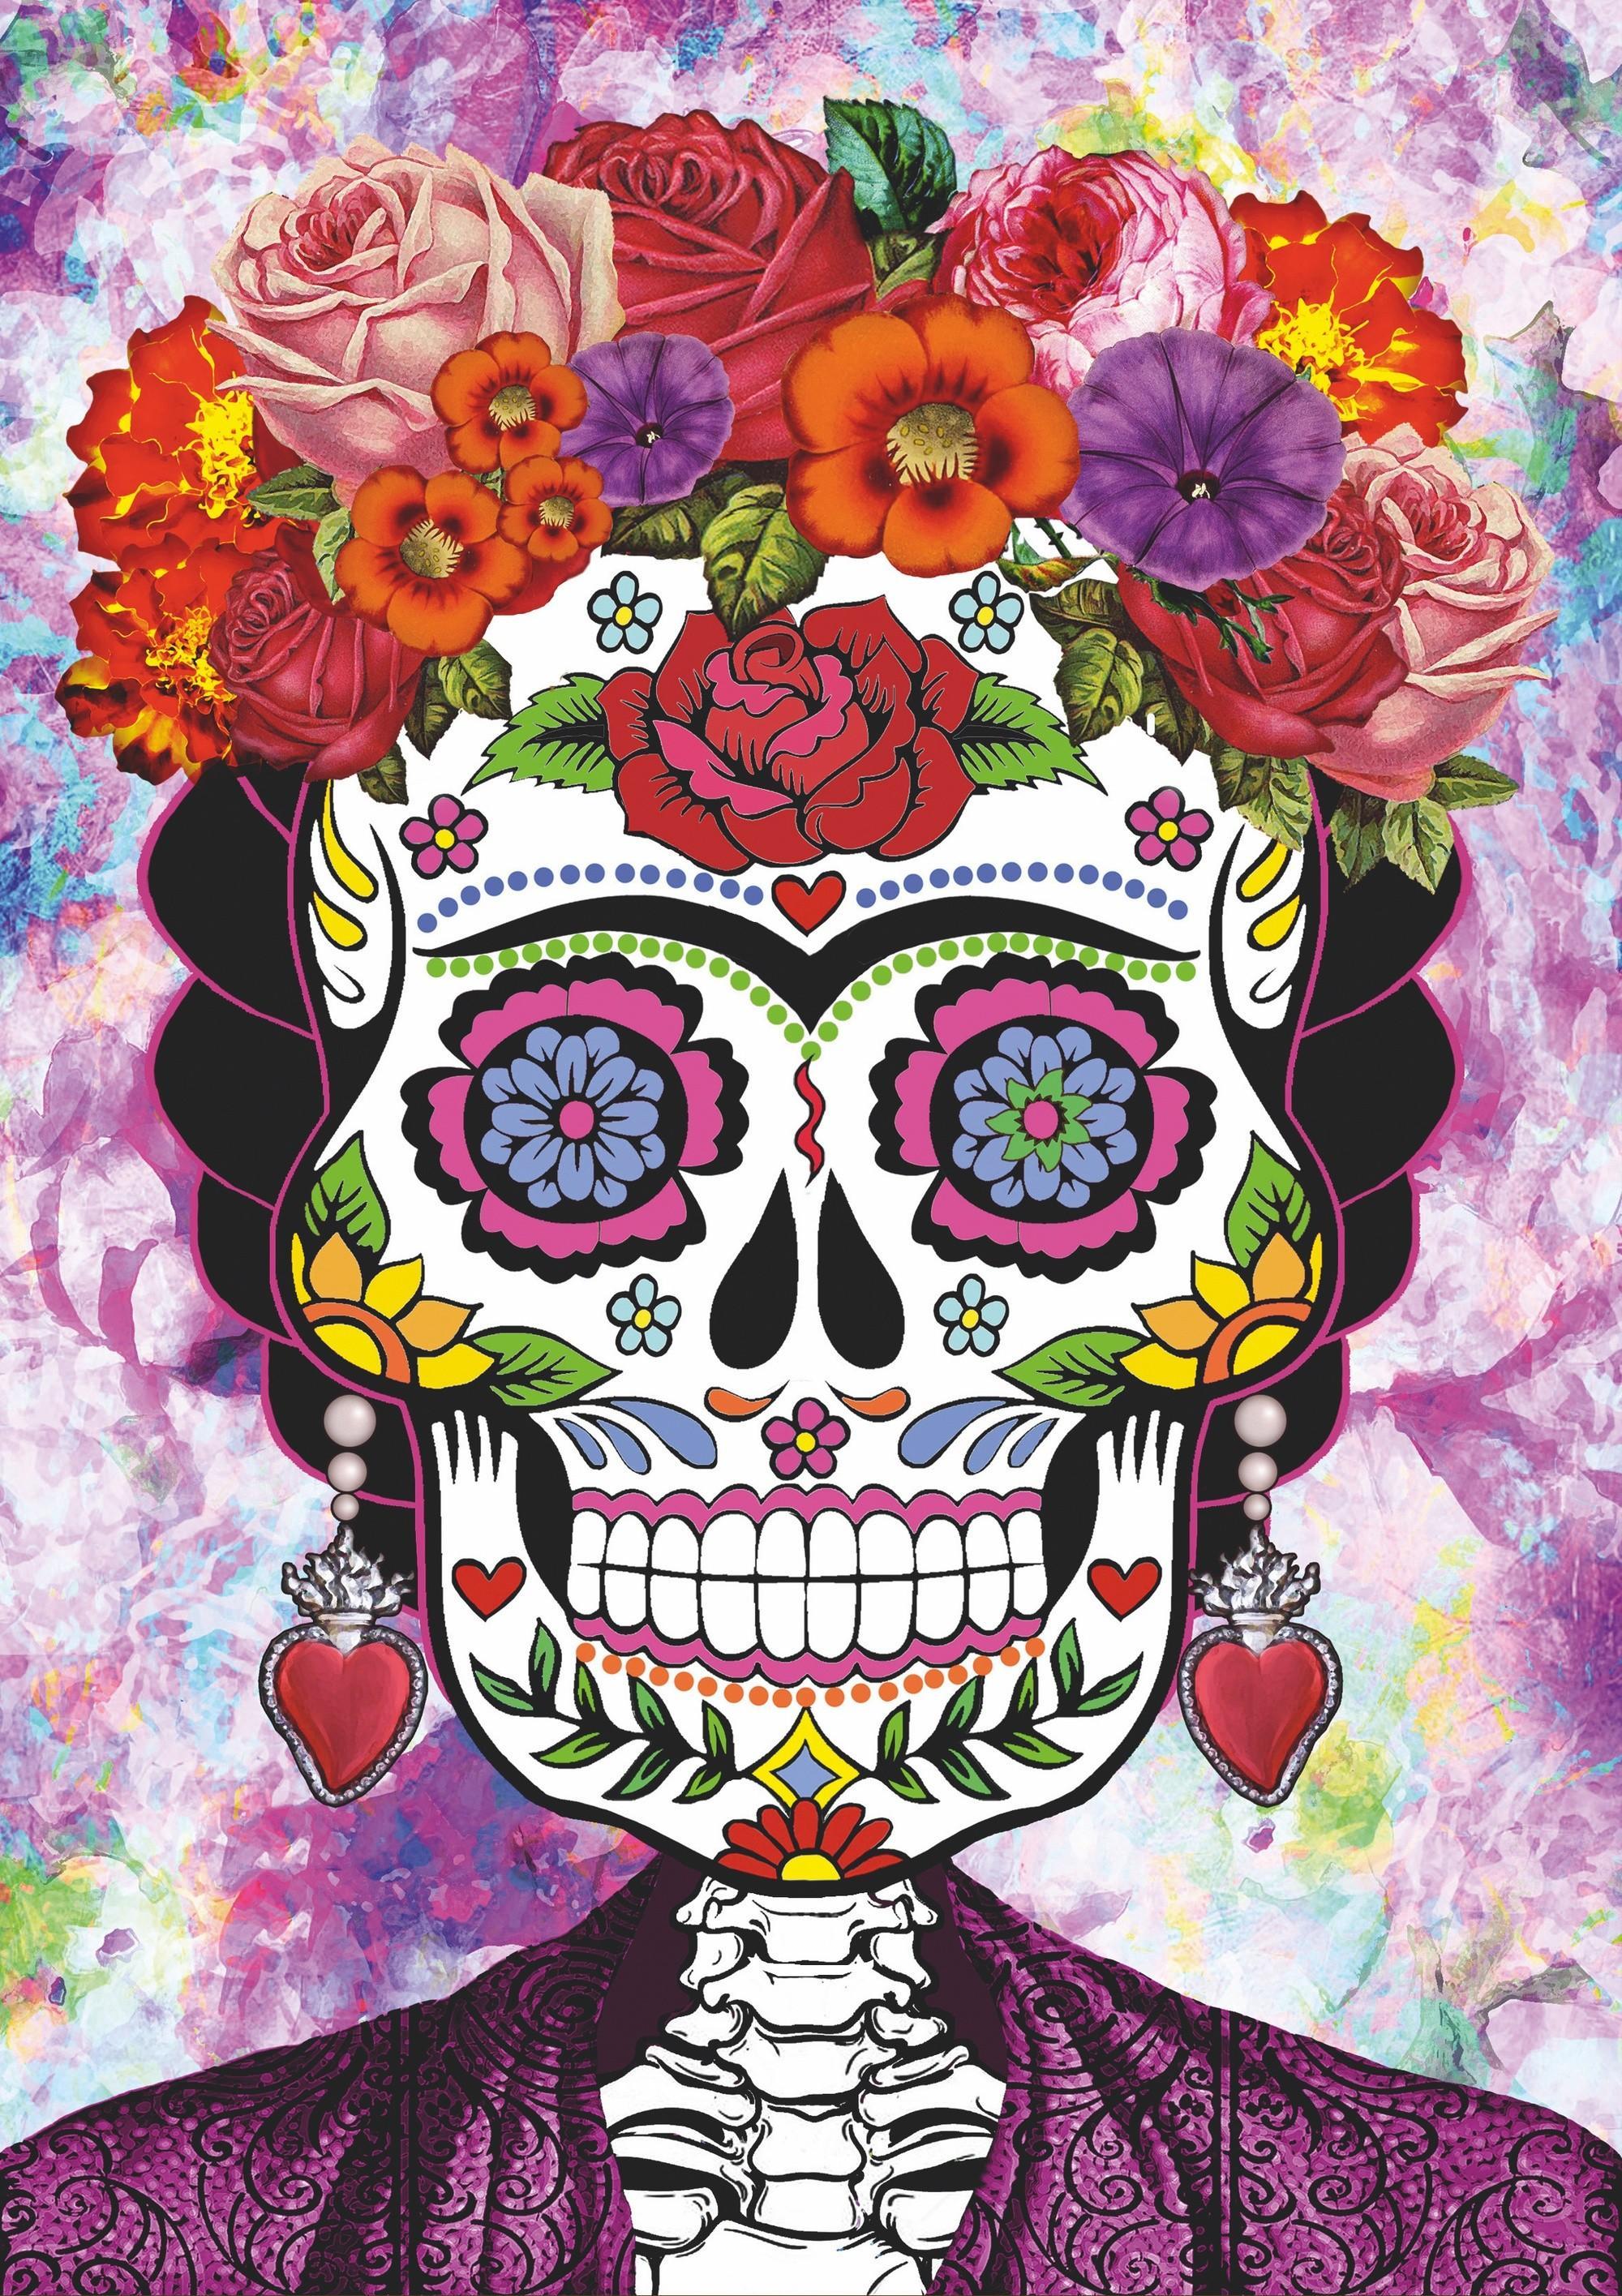 Corazon Ardientee, -Frida Kahlo en el día de los muertos, 2018.